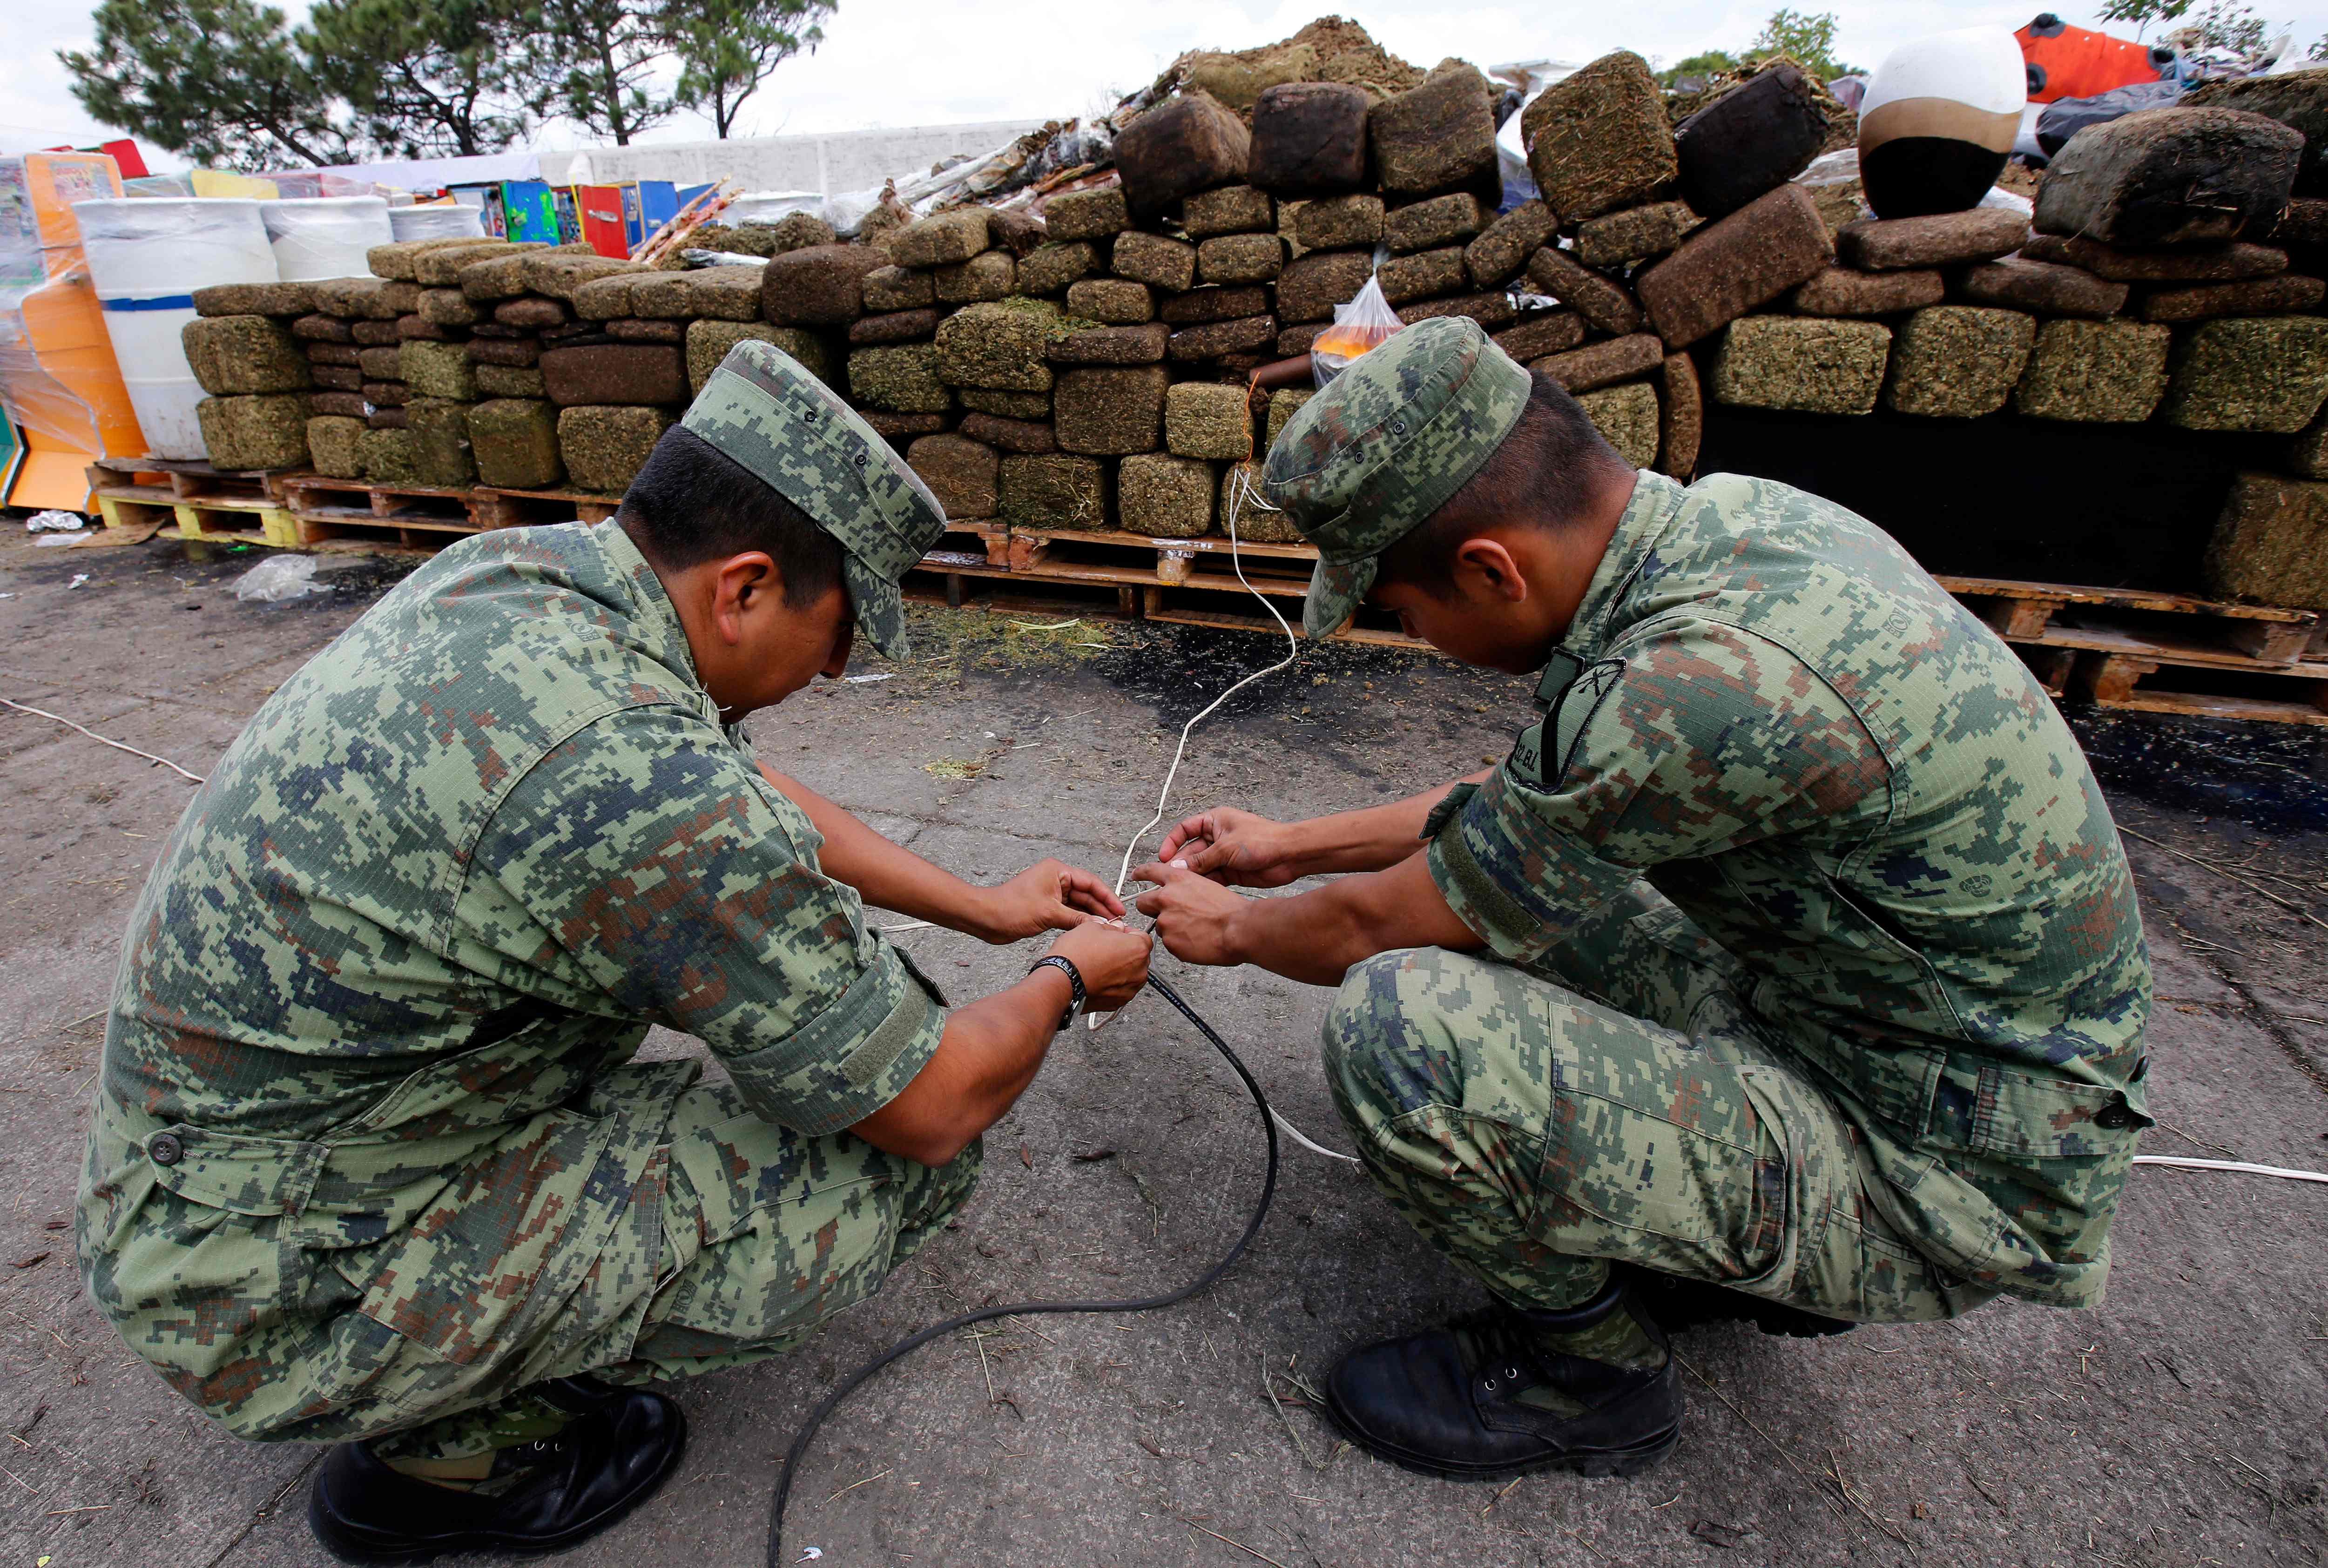 رجال الجيش تساعد فى التخلص من المخدرات